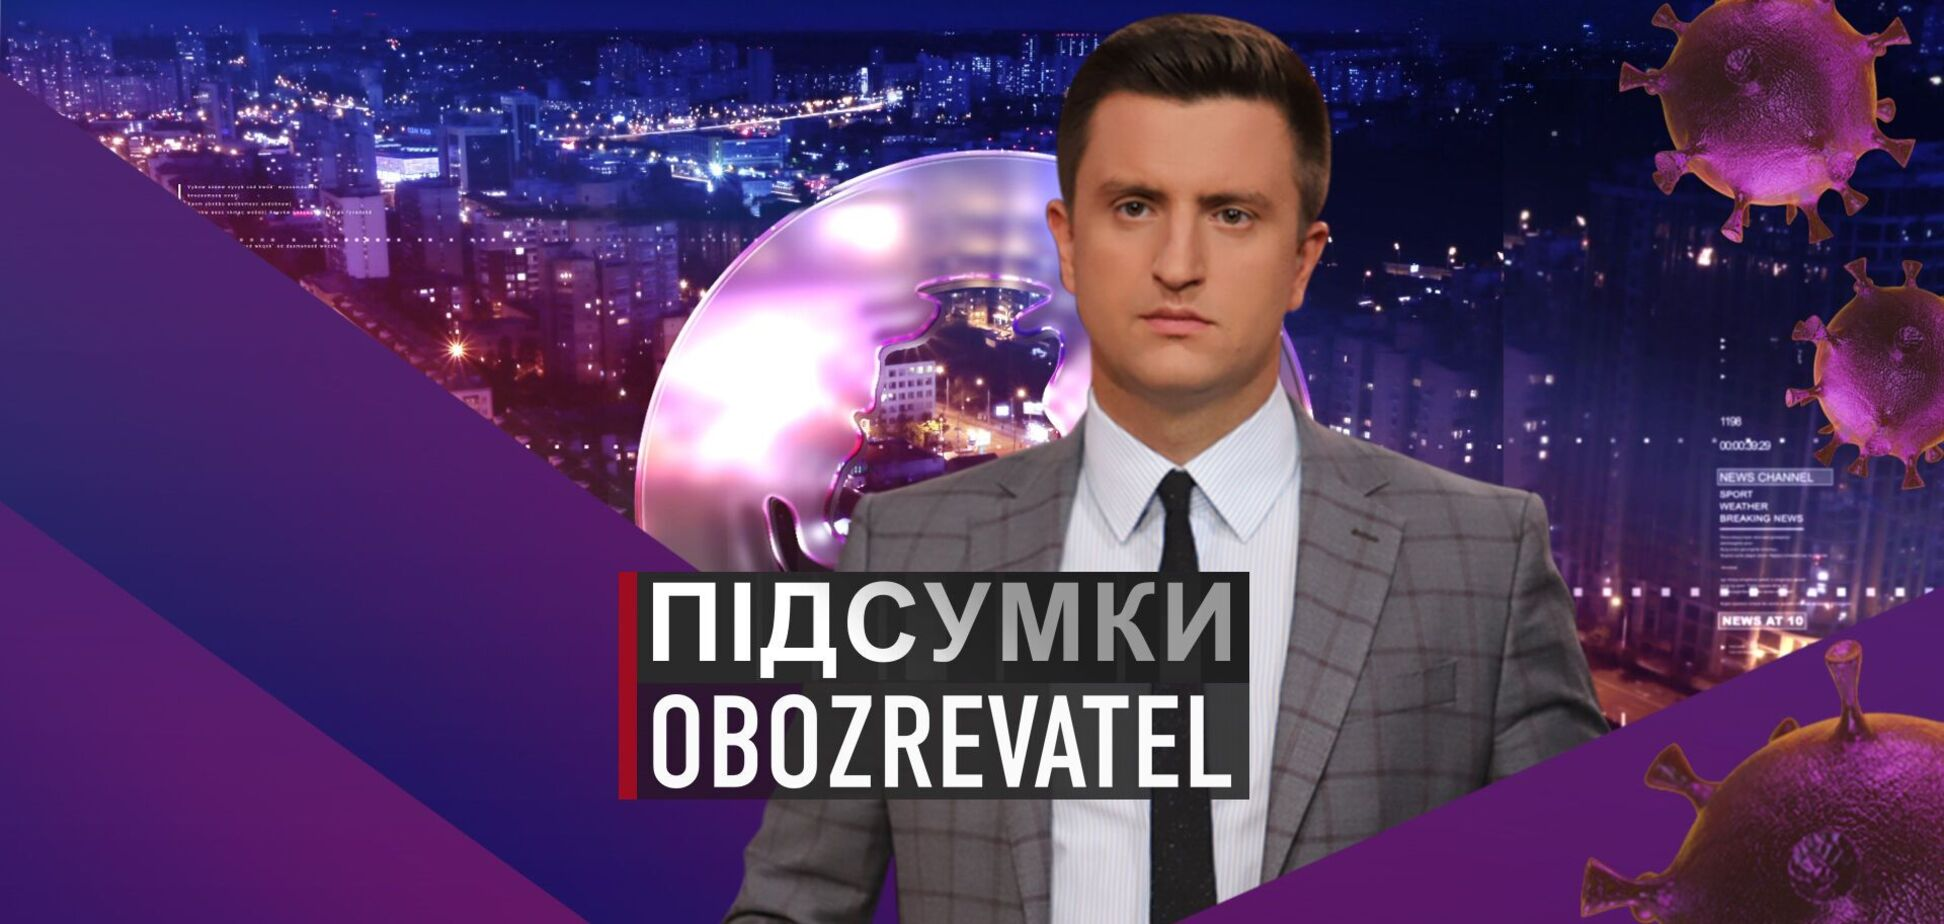 Підсумки з Вадимом Колодійчуком. П'ятниця, 30 квітня